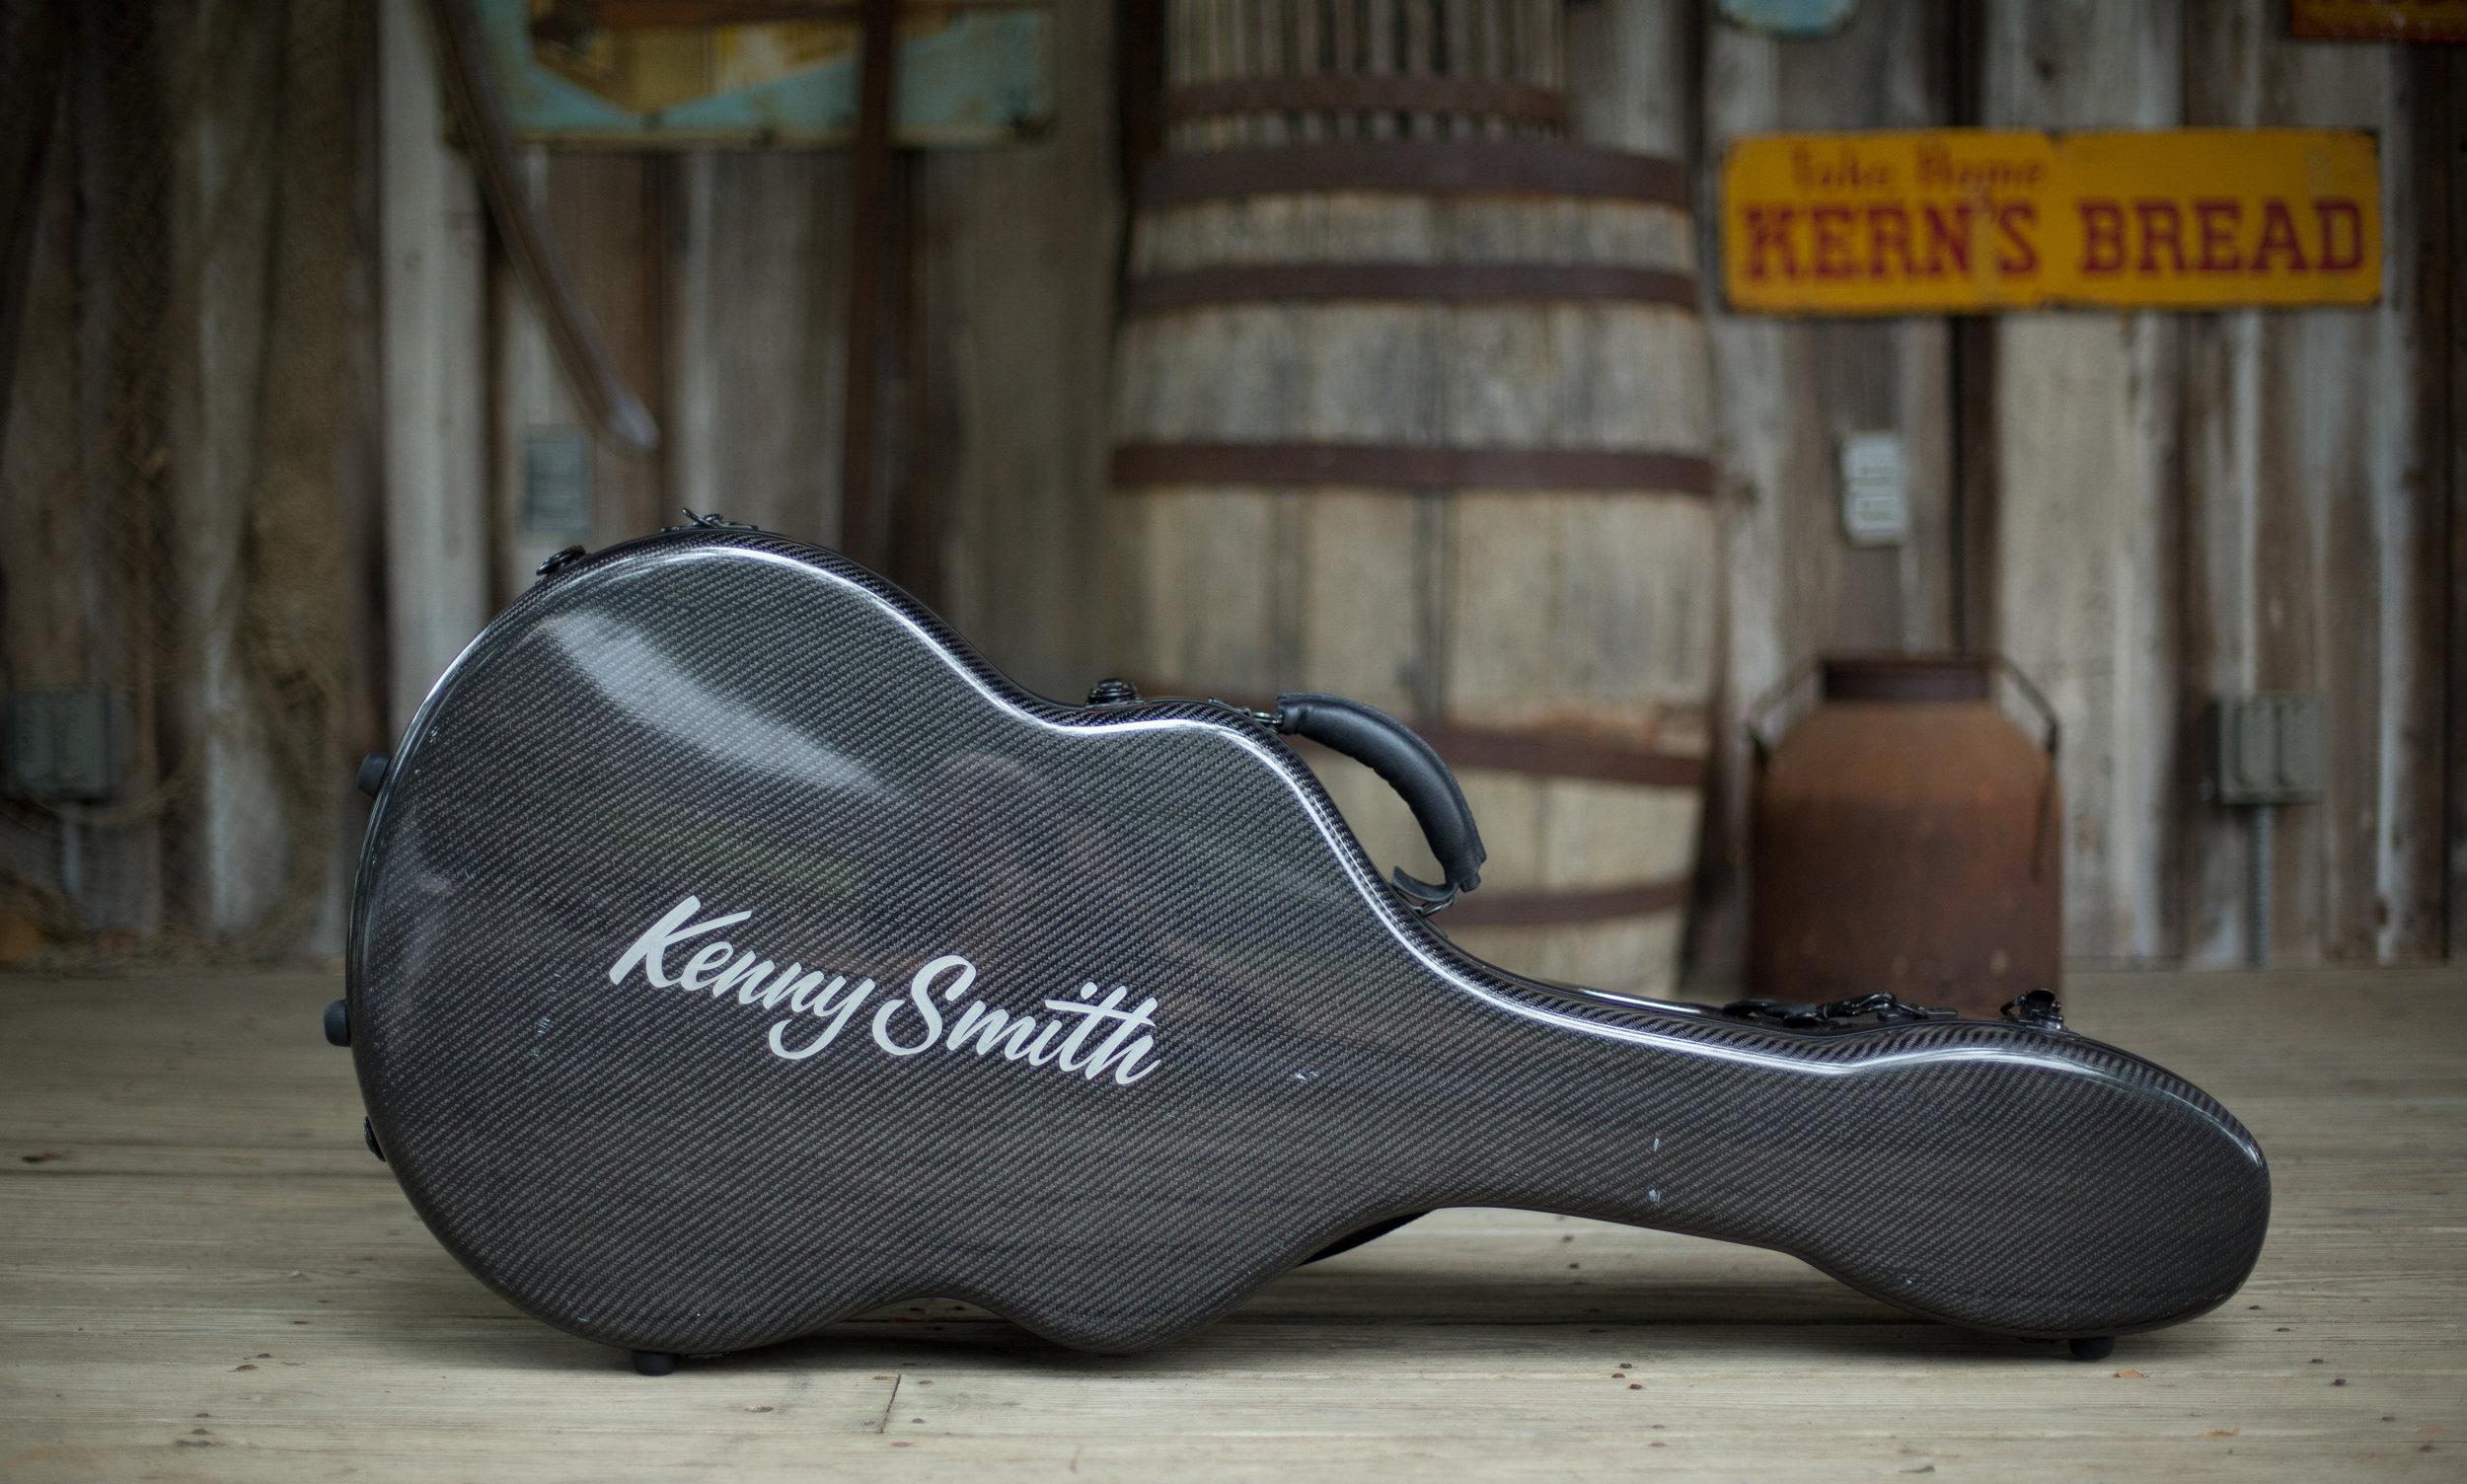 Kenny Smith guitar case